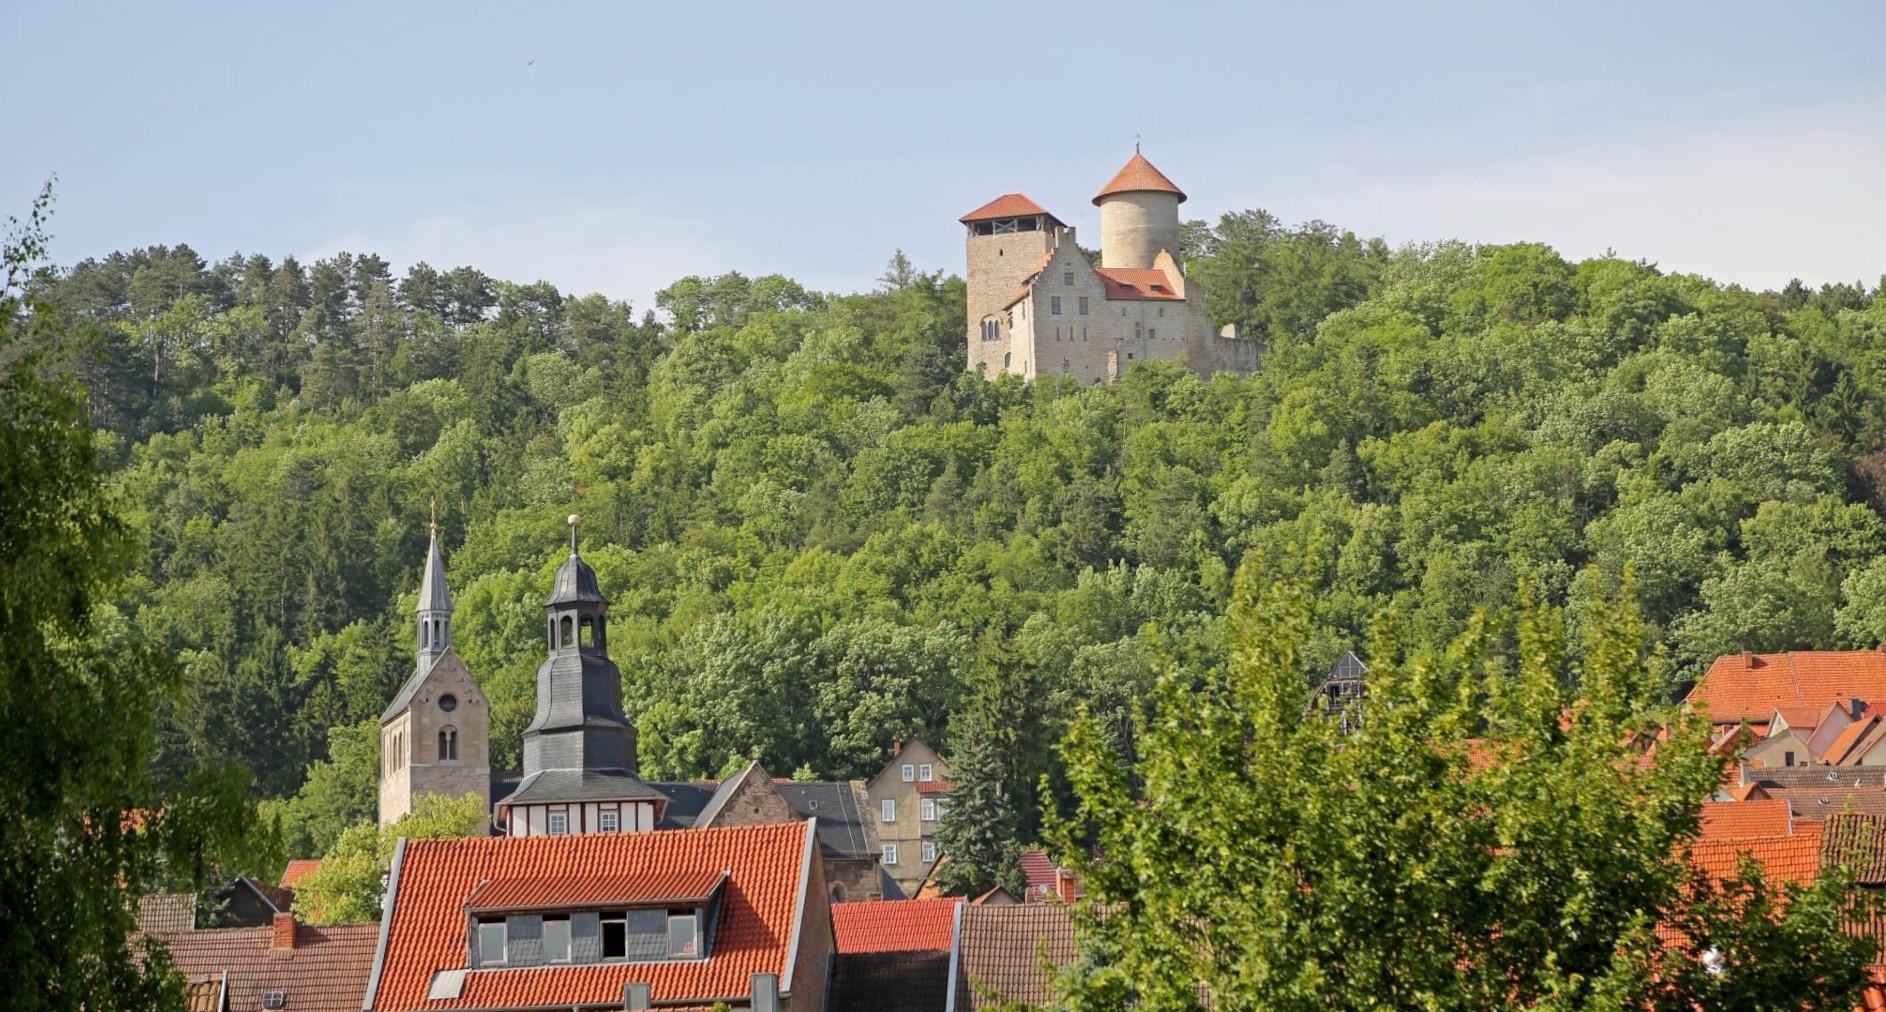 Burg Normannstein, Treffurt